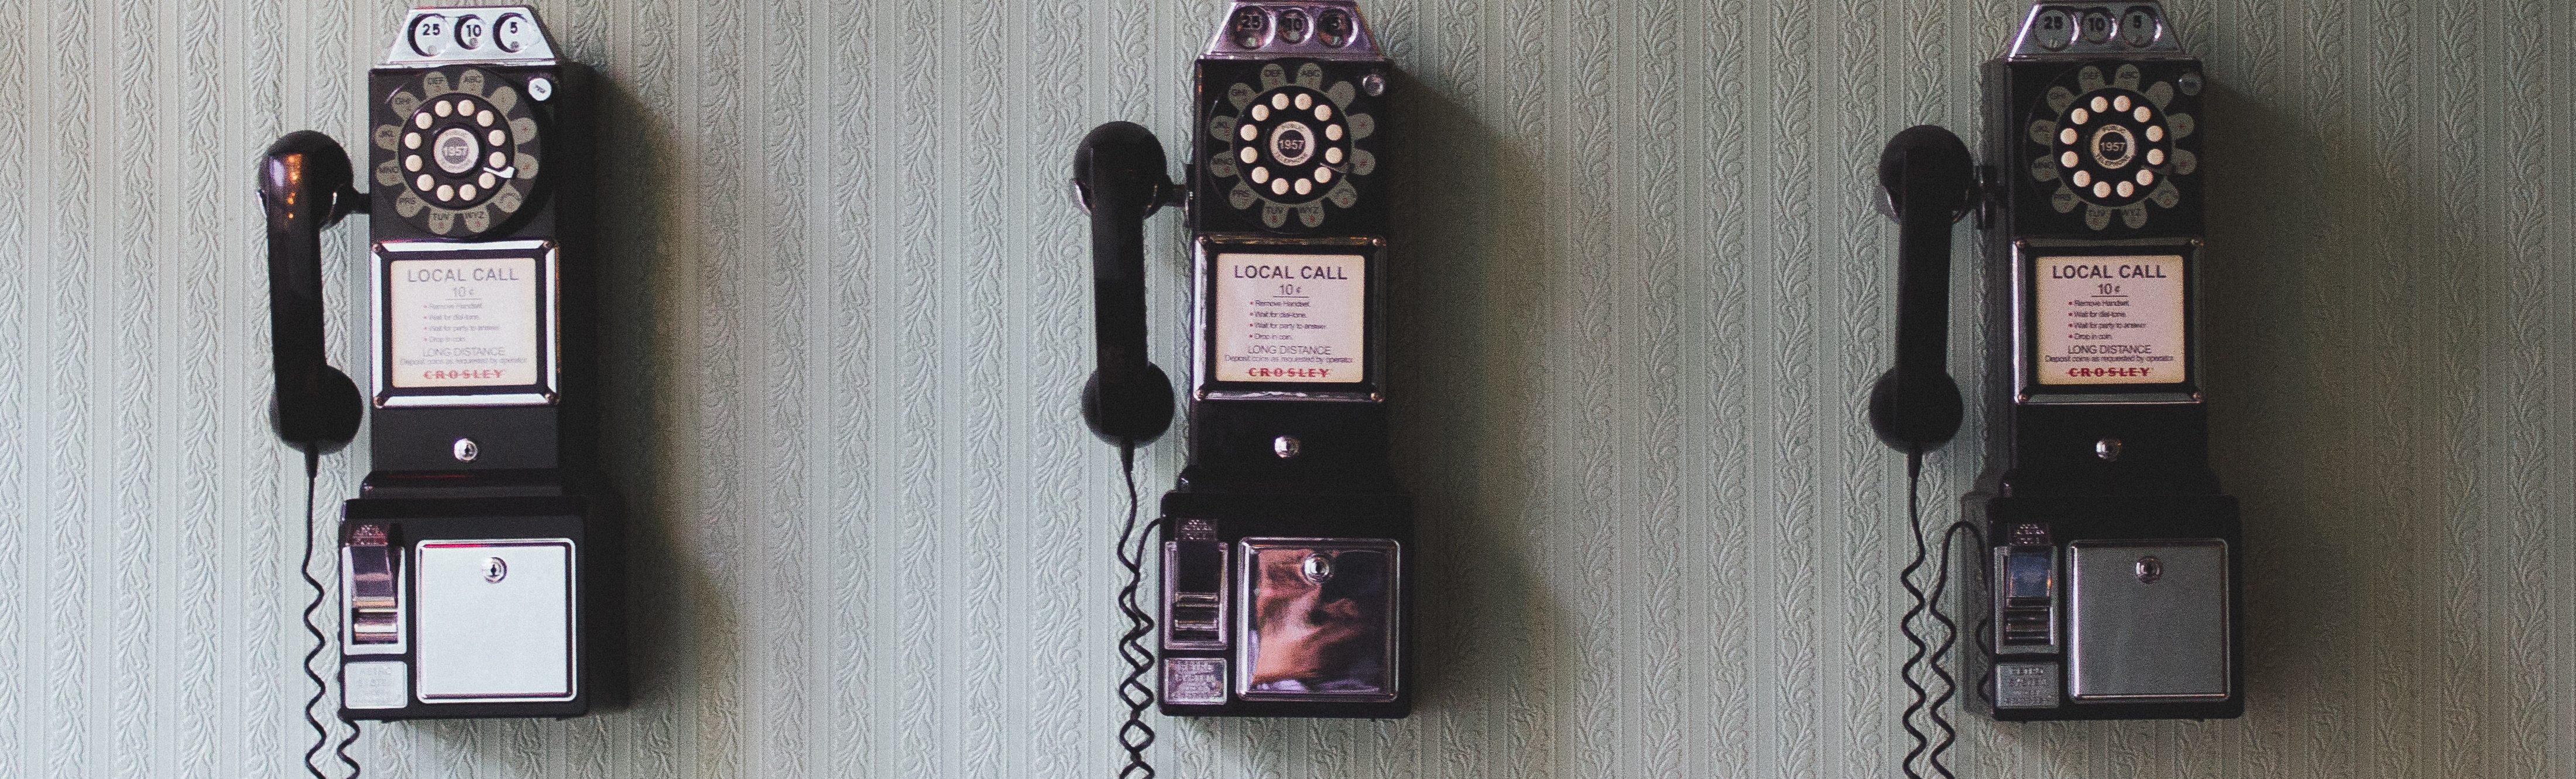 minder telefonie